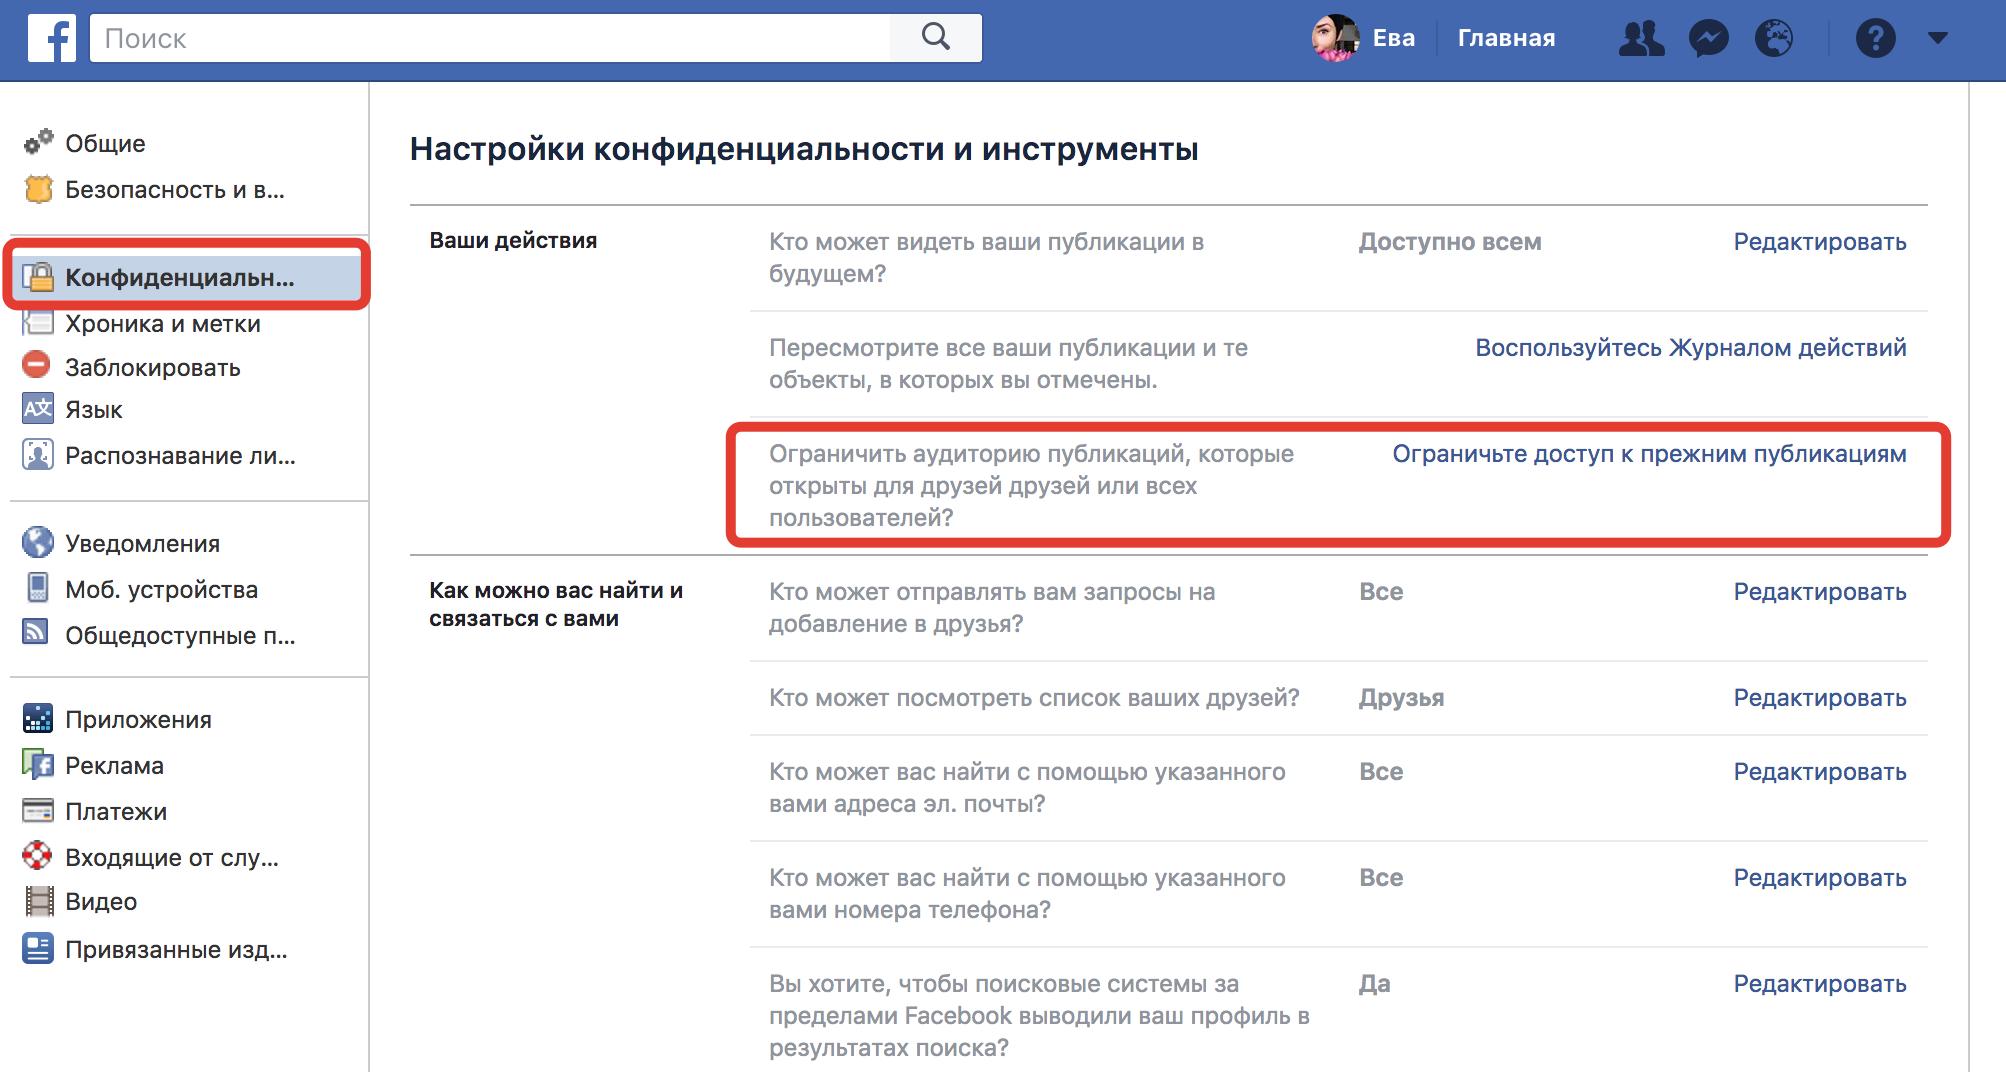 Реклама и продвижение сайта в Facebook